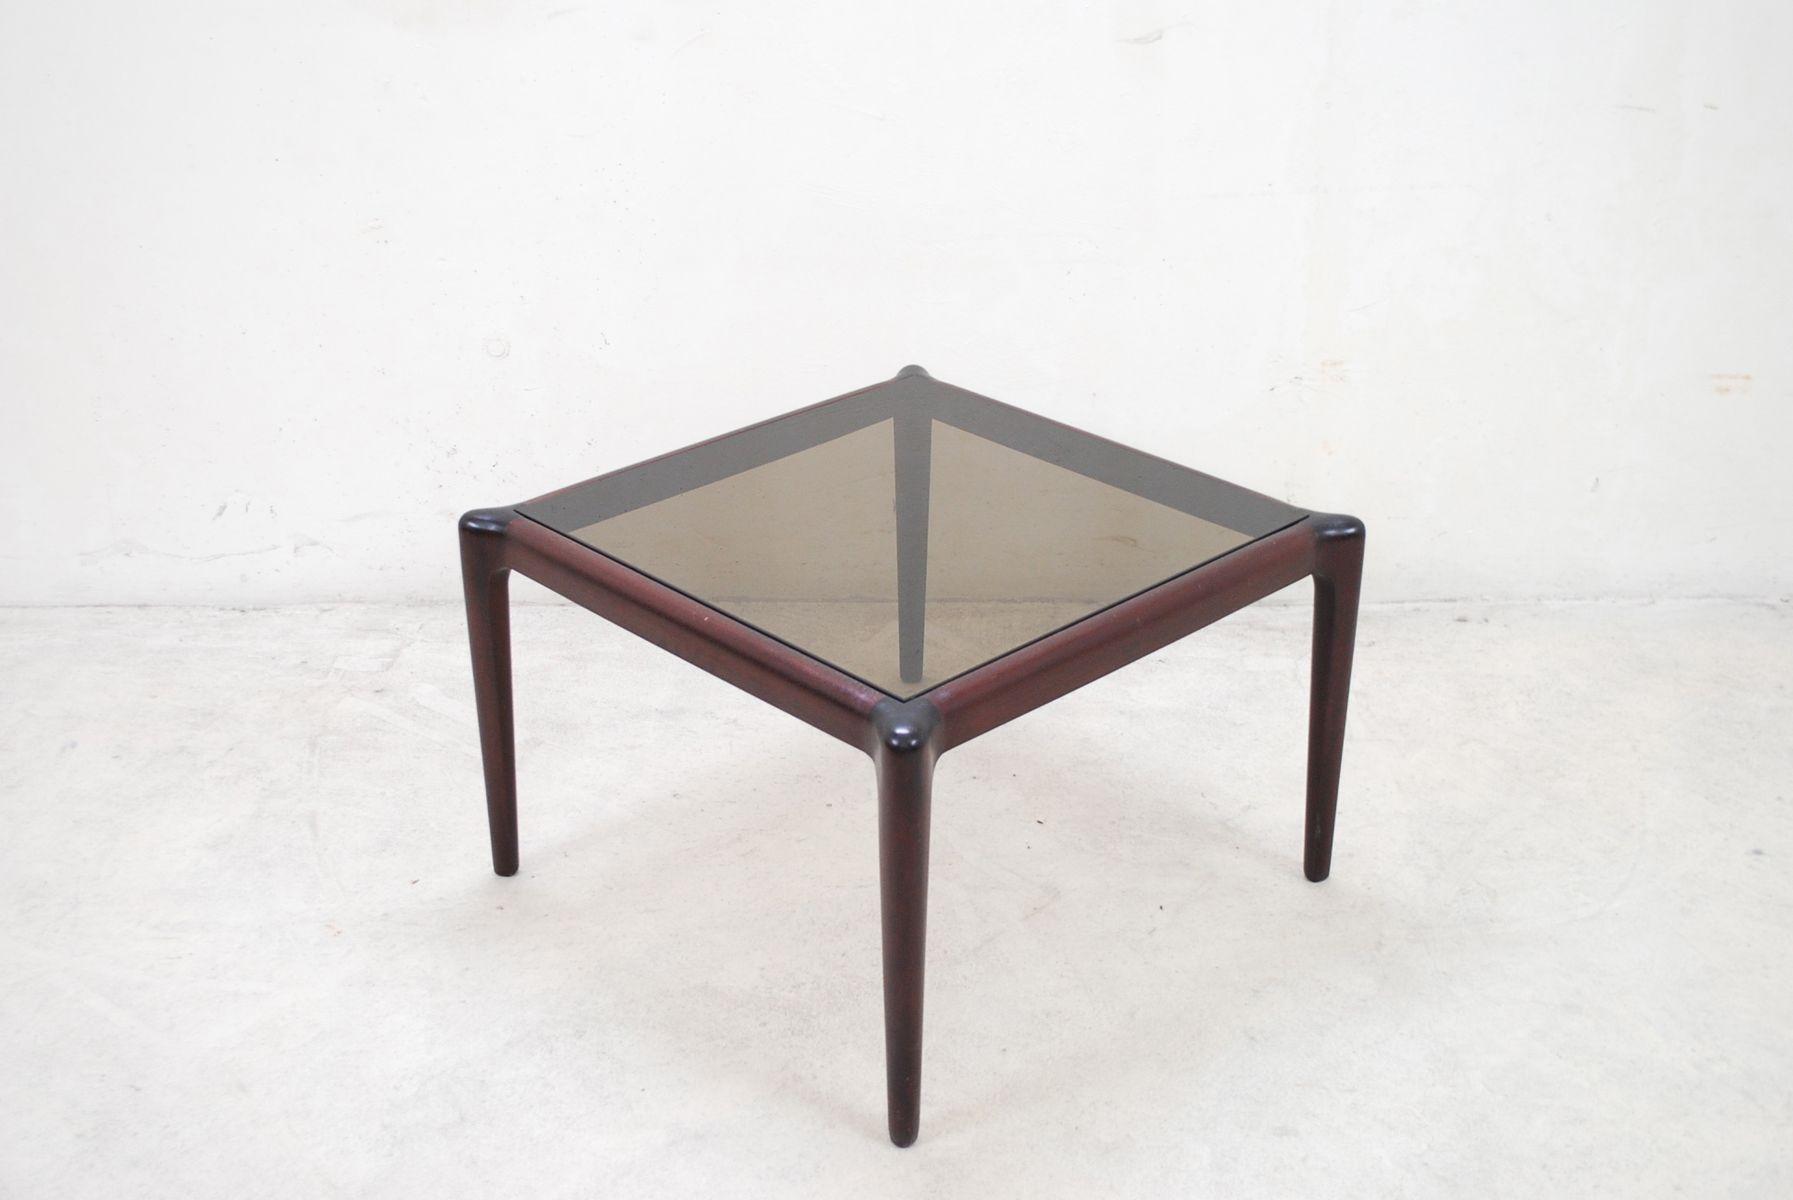 vintage couchtisch aus mahagoni rauchglas bei pamono kaufen. Black Bedroom Furniture Sets. Home Design Ideas